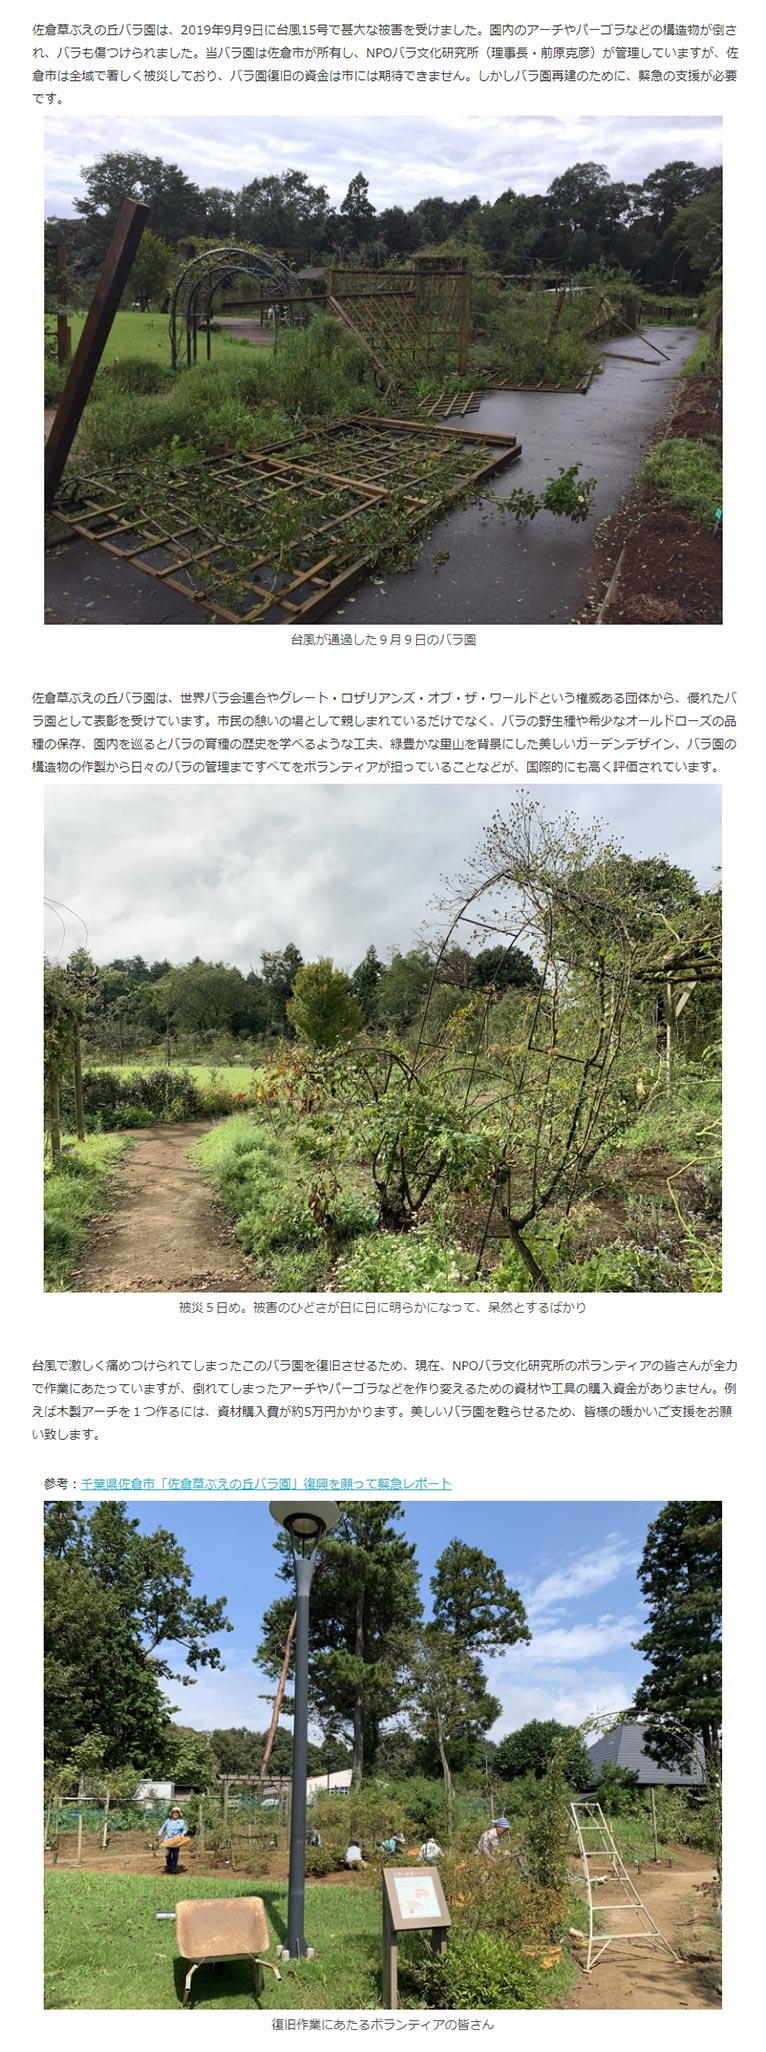 2019年10月4日~11月24日佐倉草ぶえの丘バラ園を台風15号の被害から立ち直らせよう!